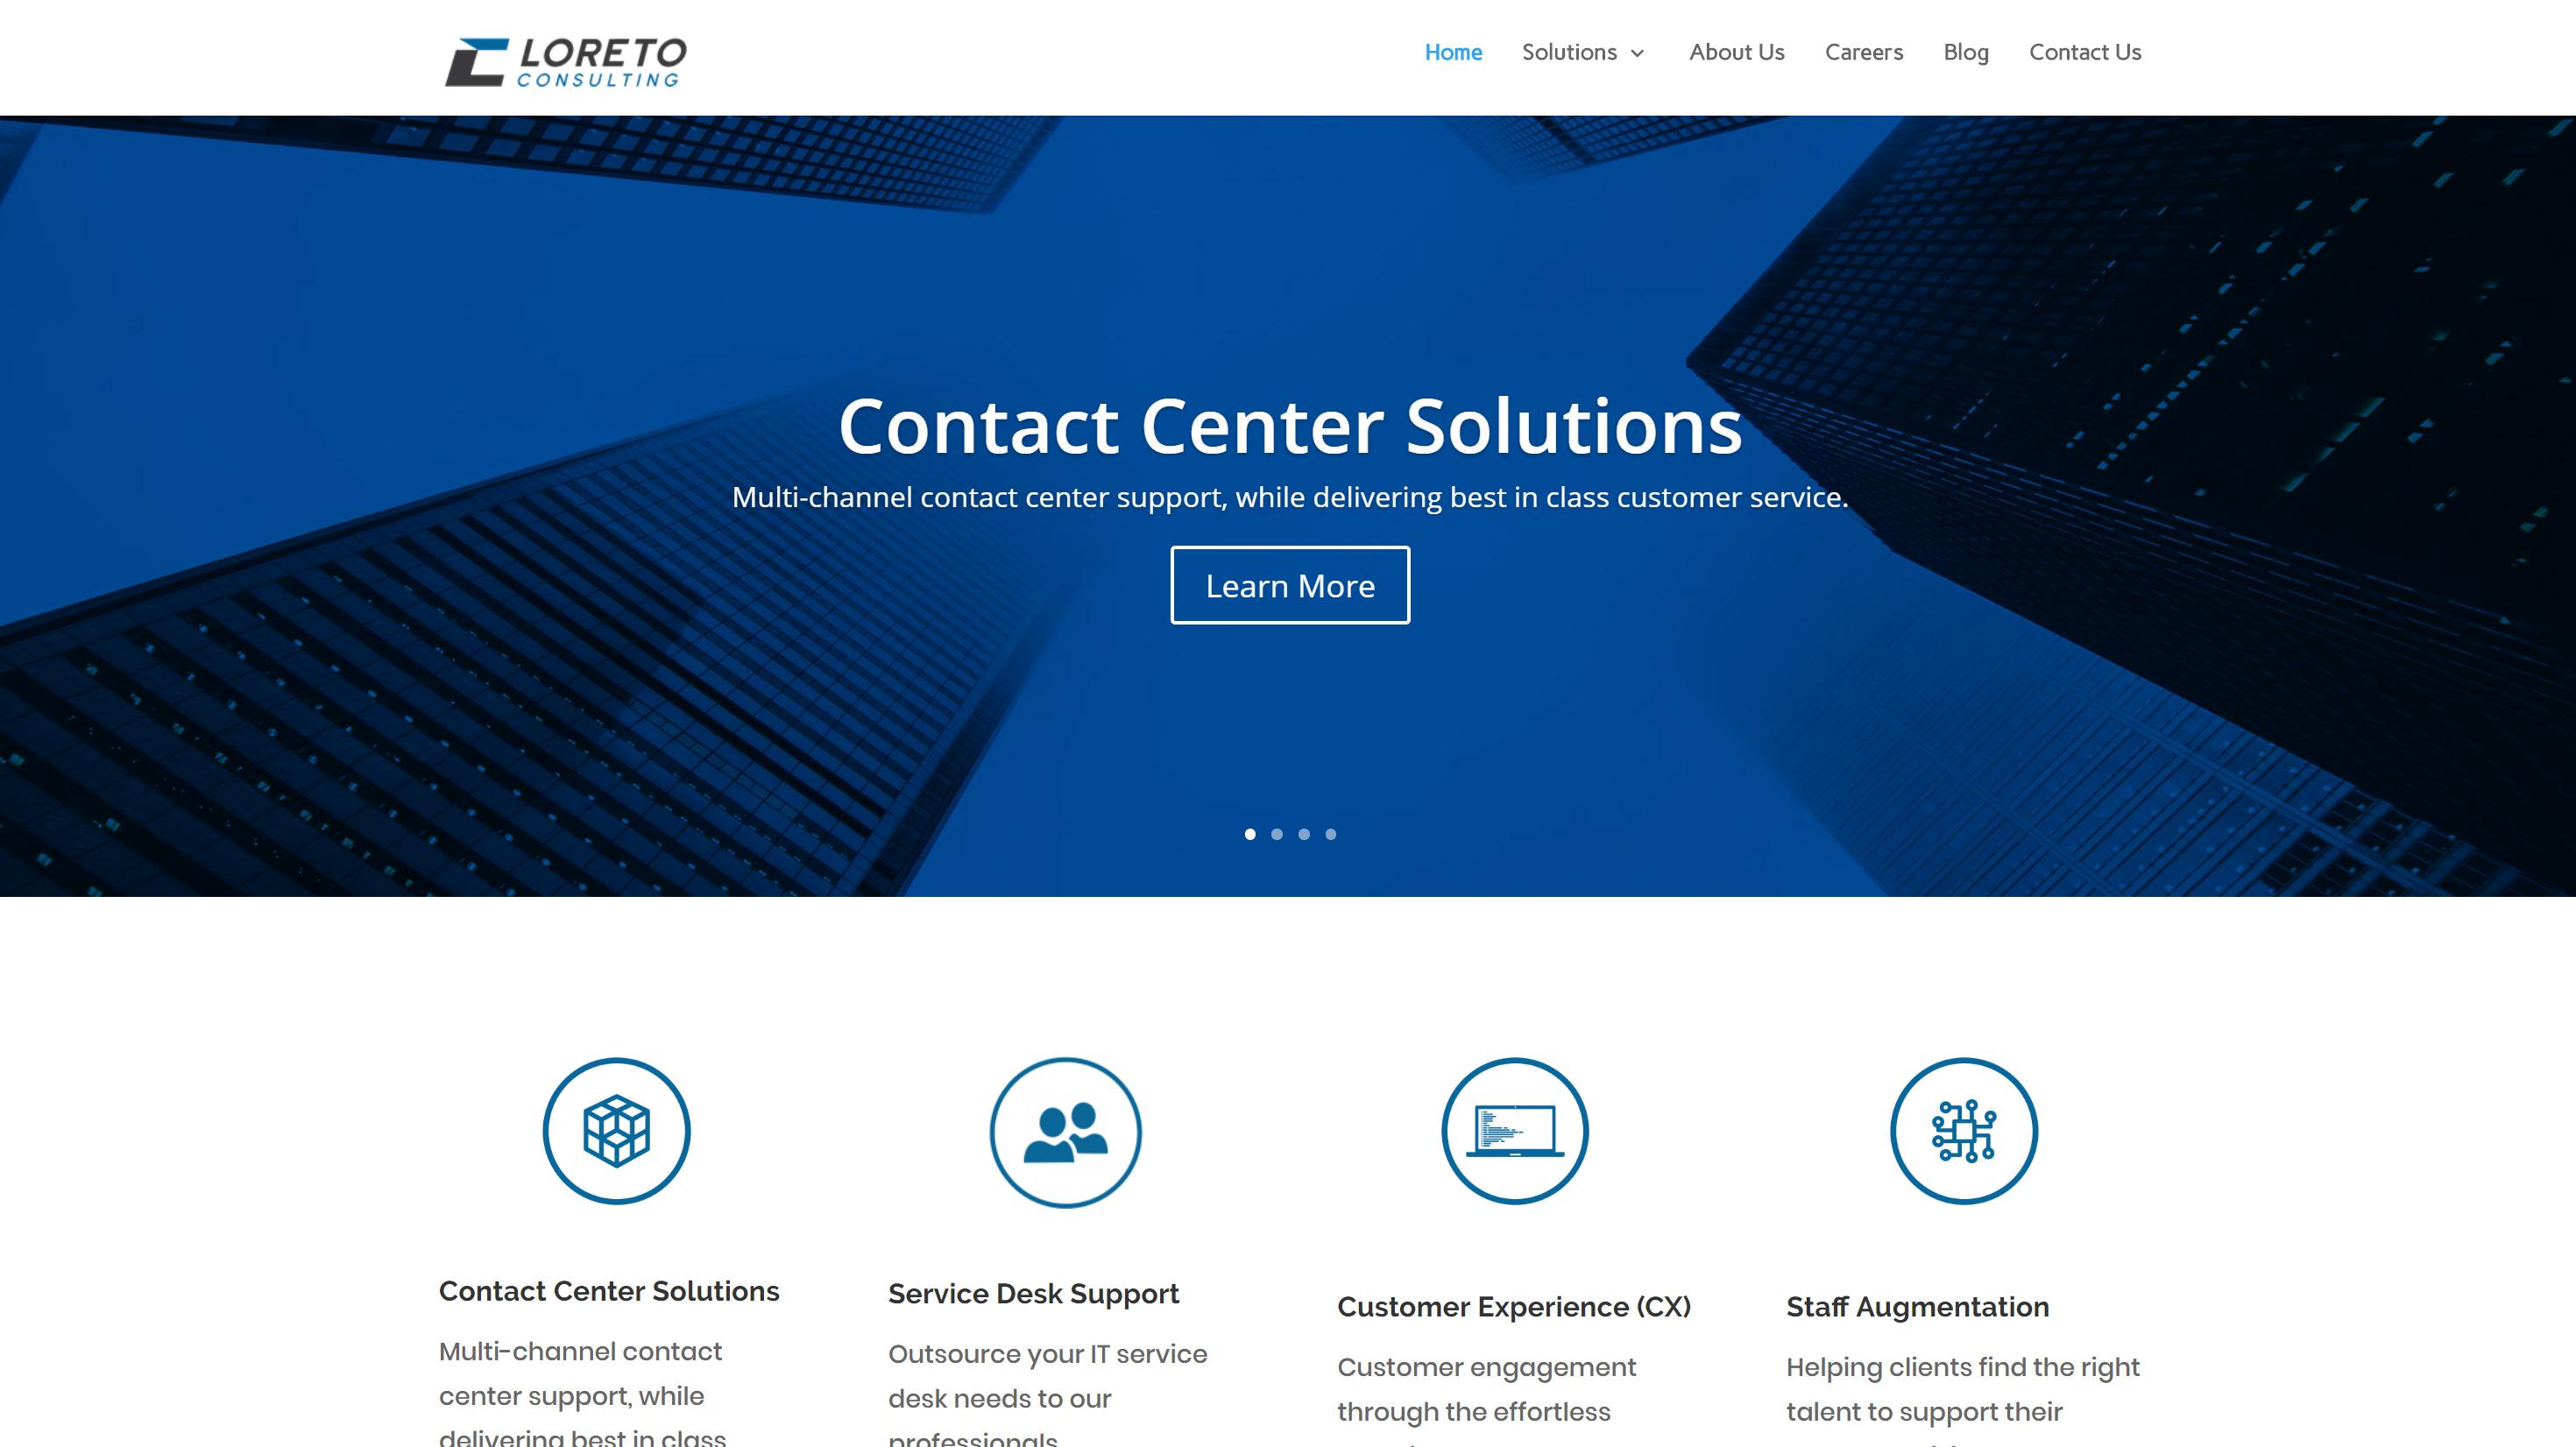 Loreto Consulting Website